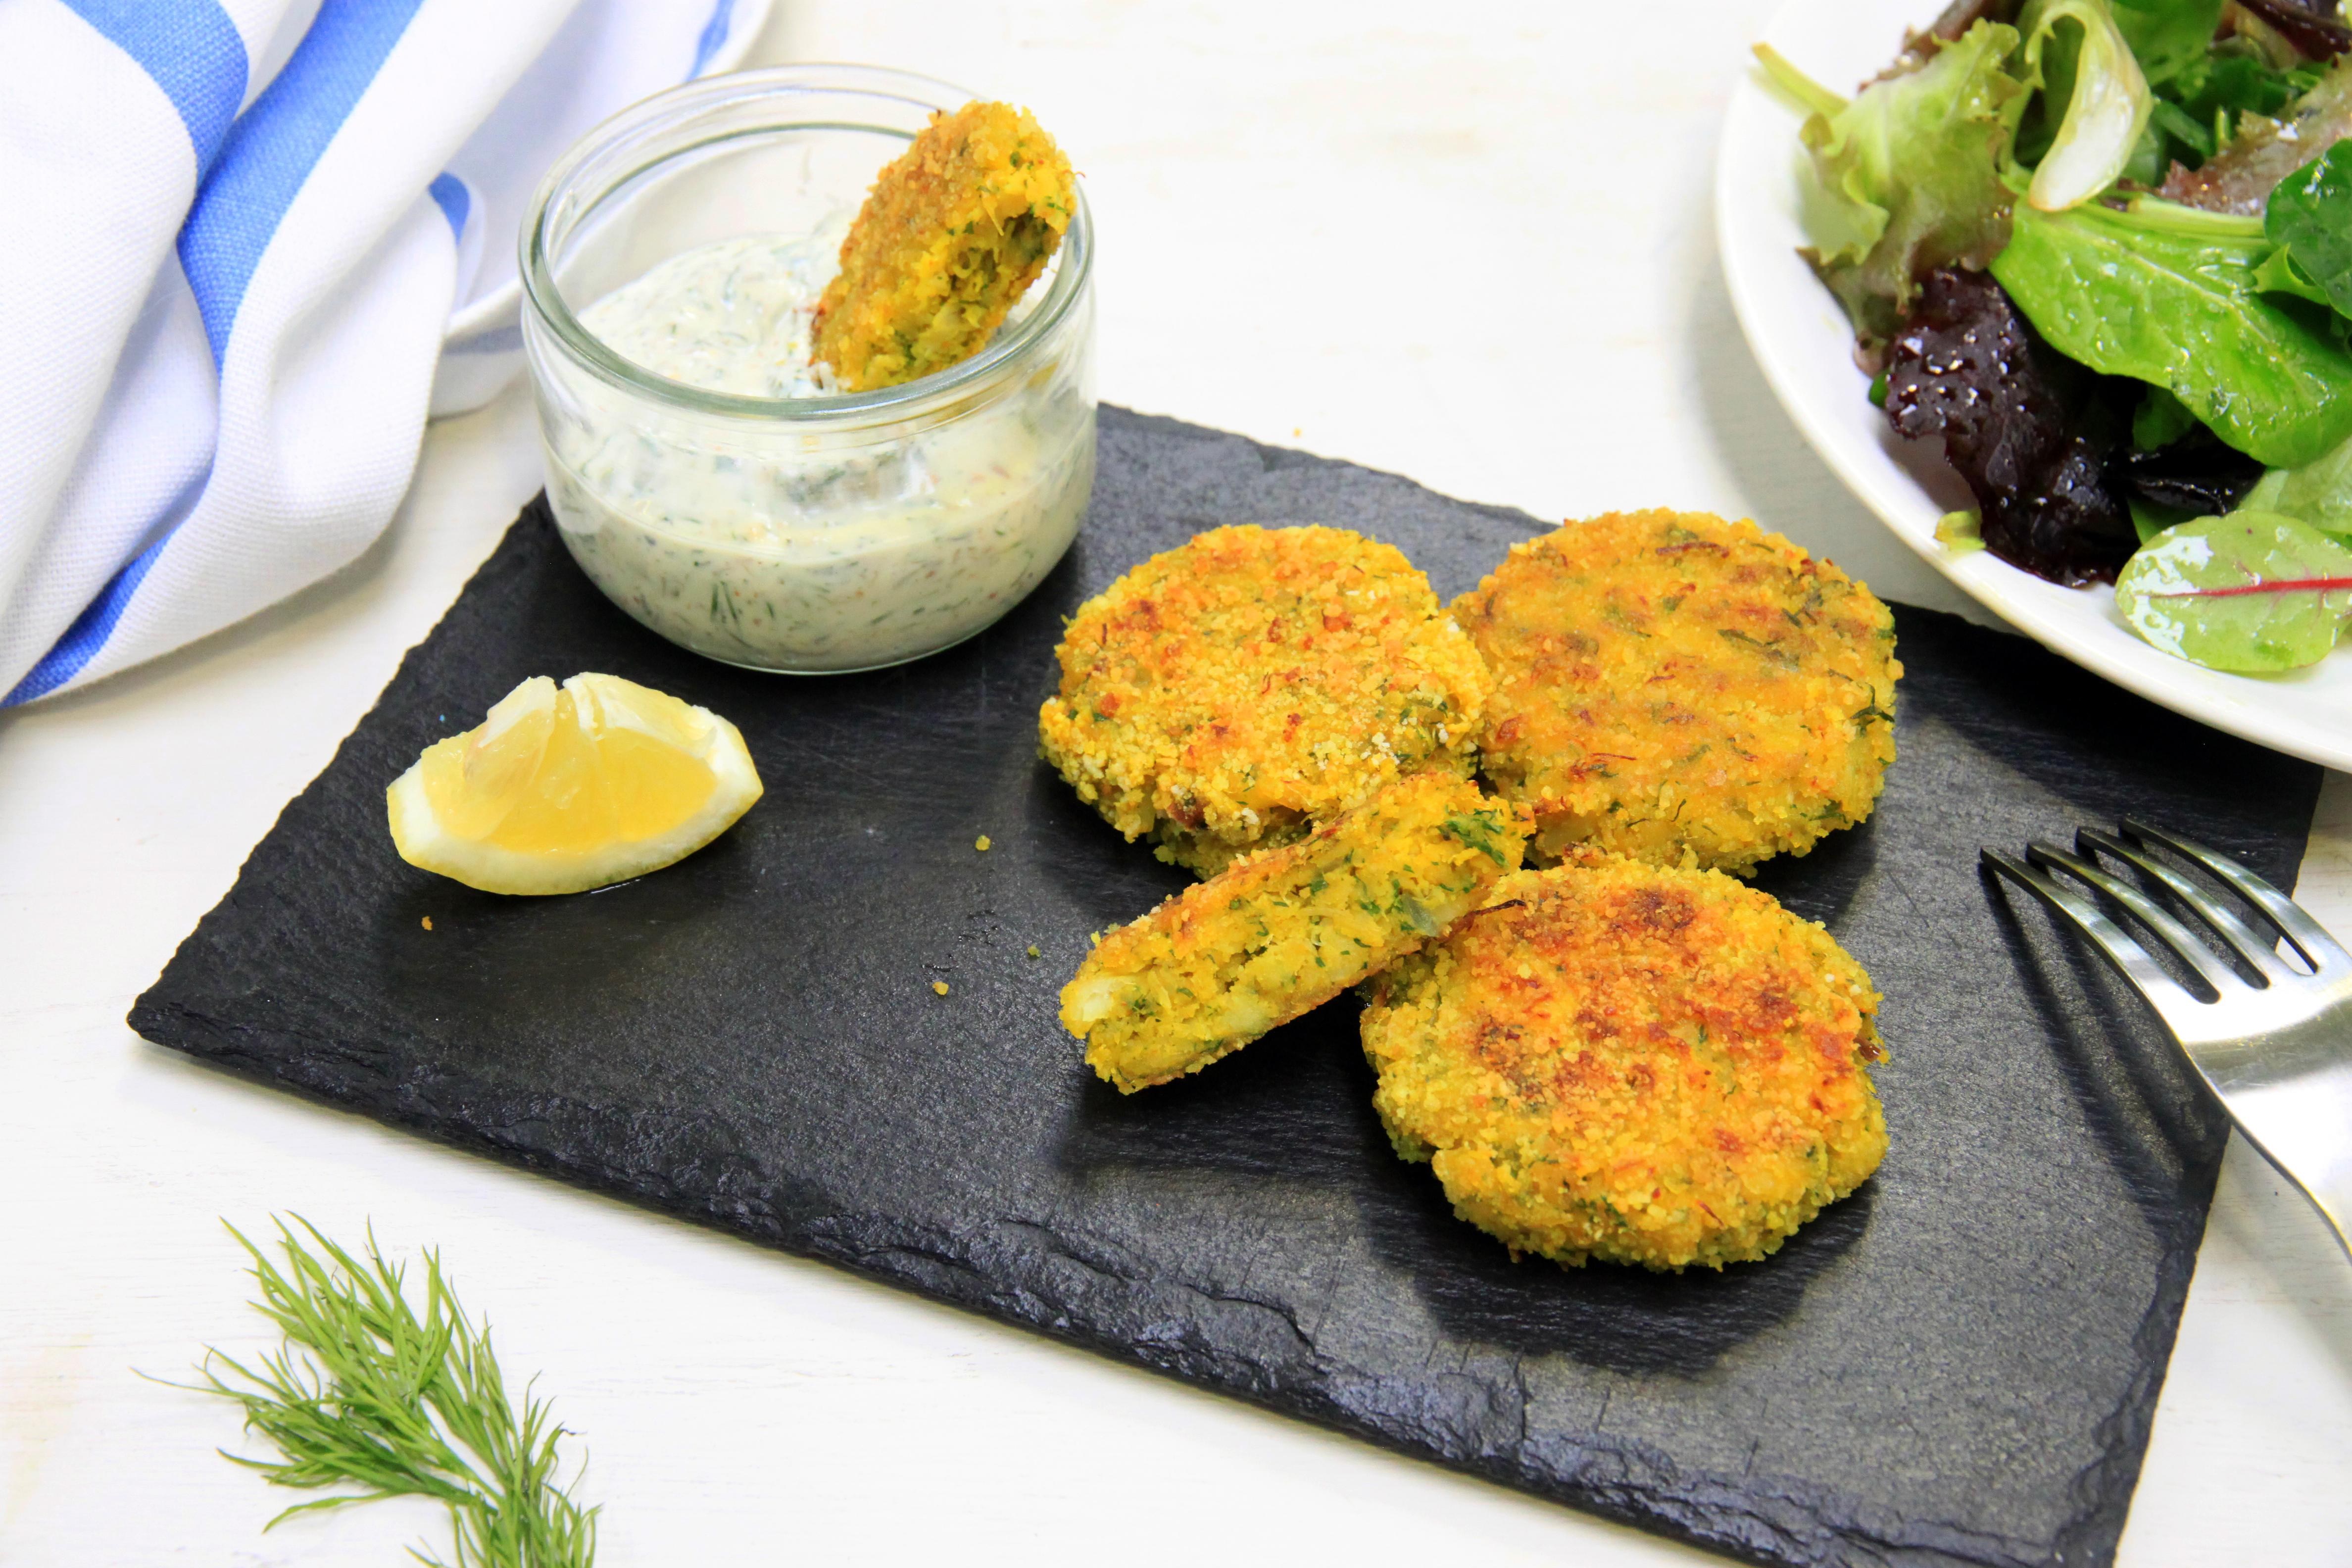 Croquettas de poisson au curcuma et petite sauce acidulée